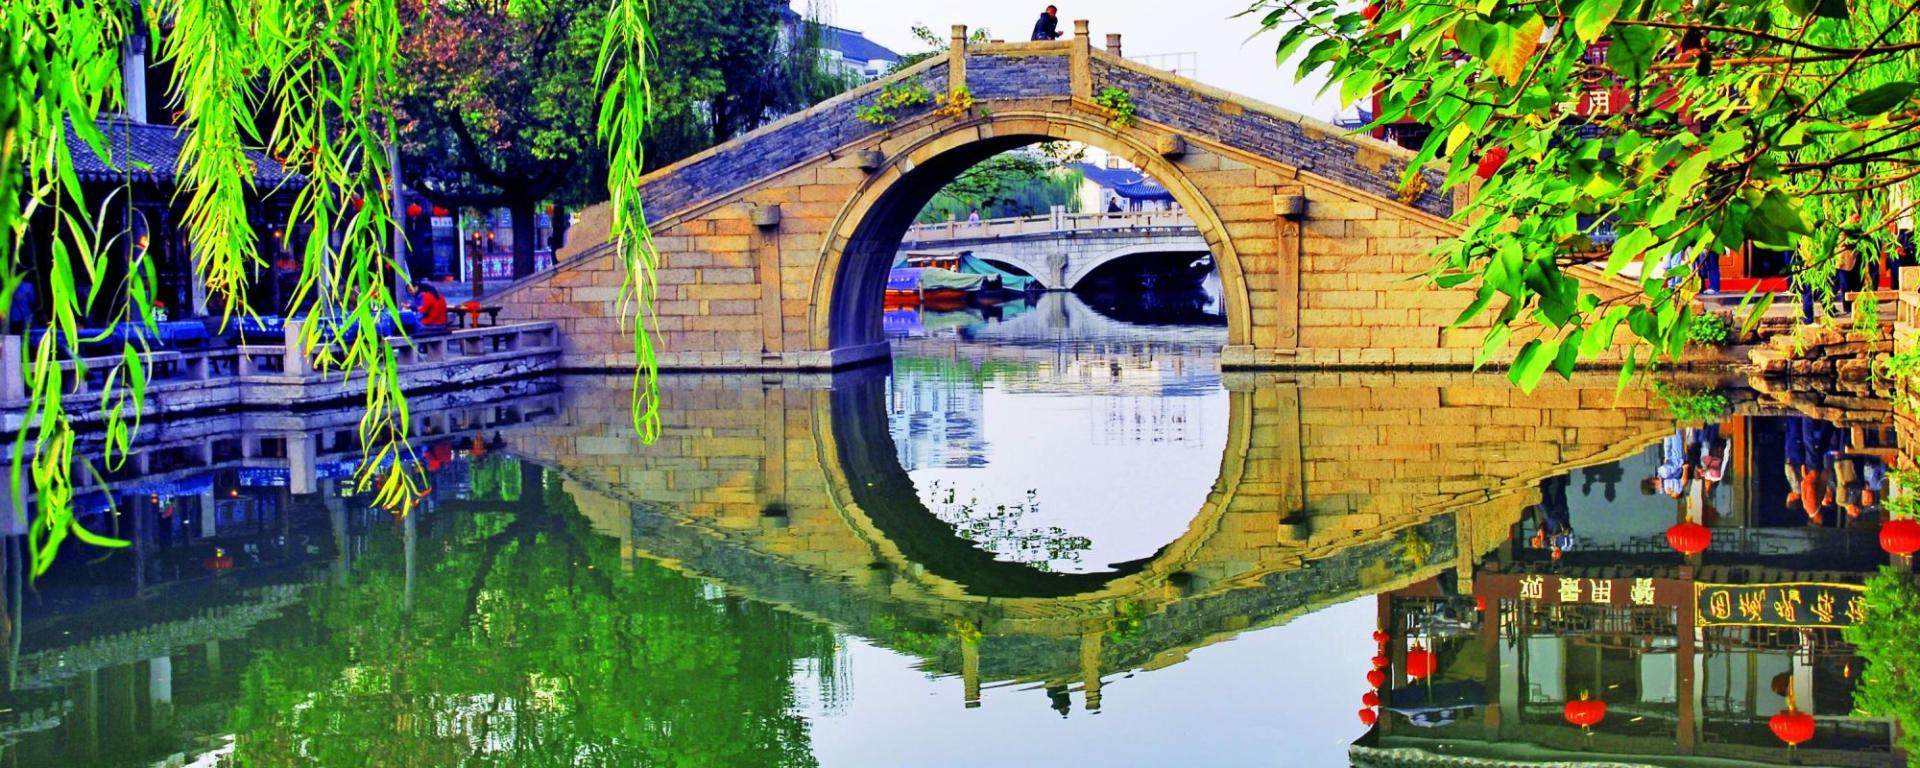 Escapade Tongli – Suzhou – Hangzhou de Shanghai: Zhouzhuang: Bridge